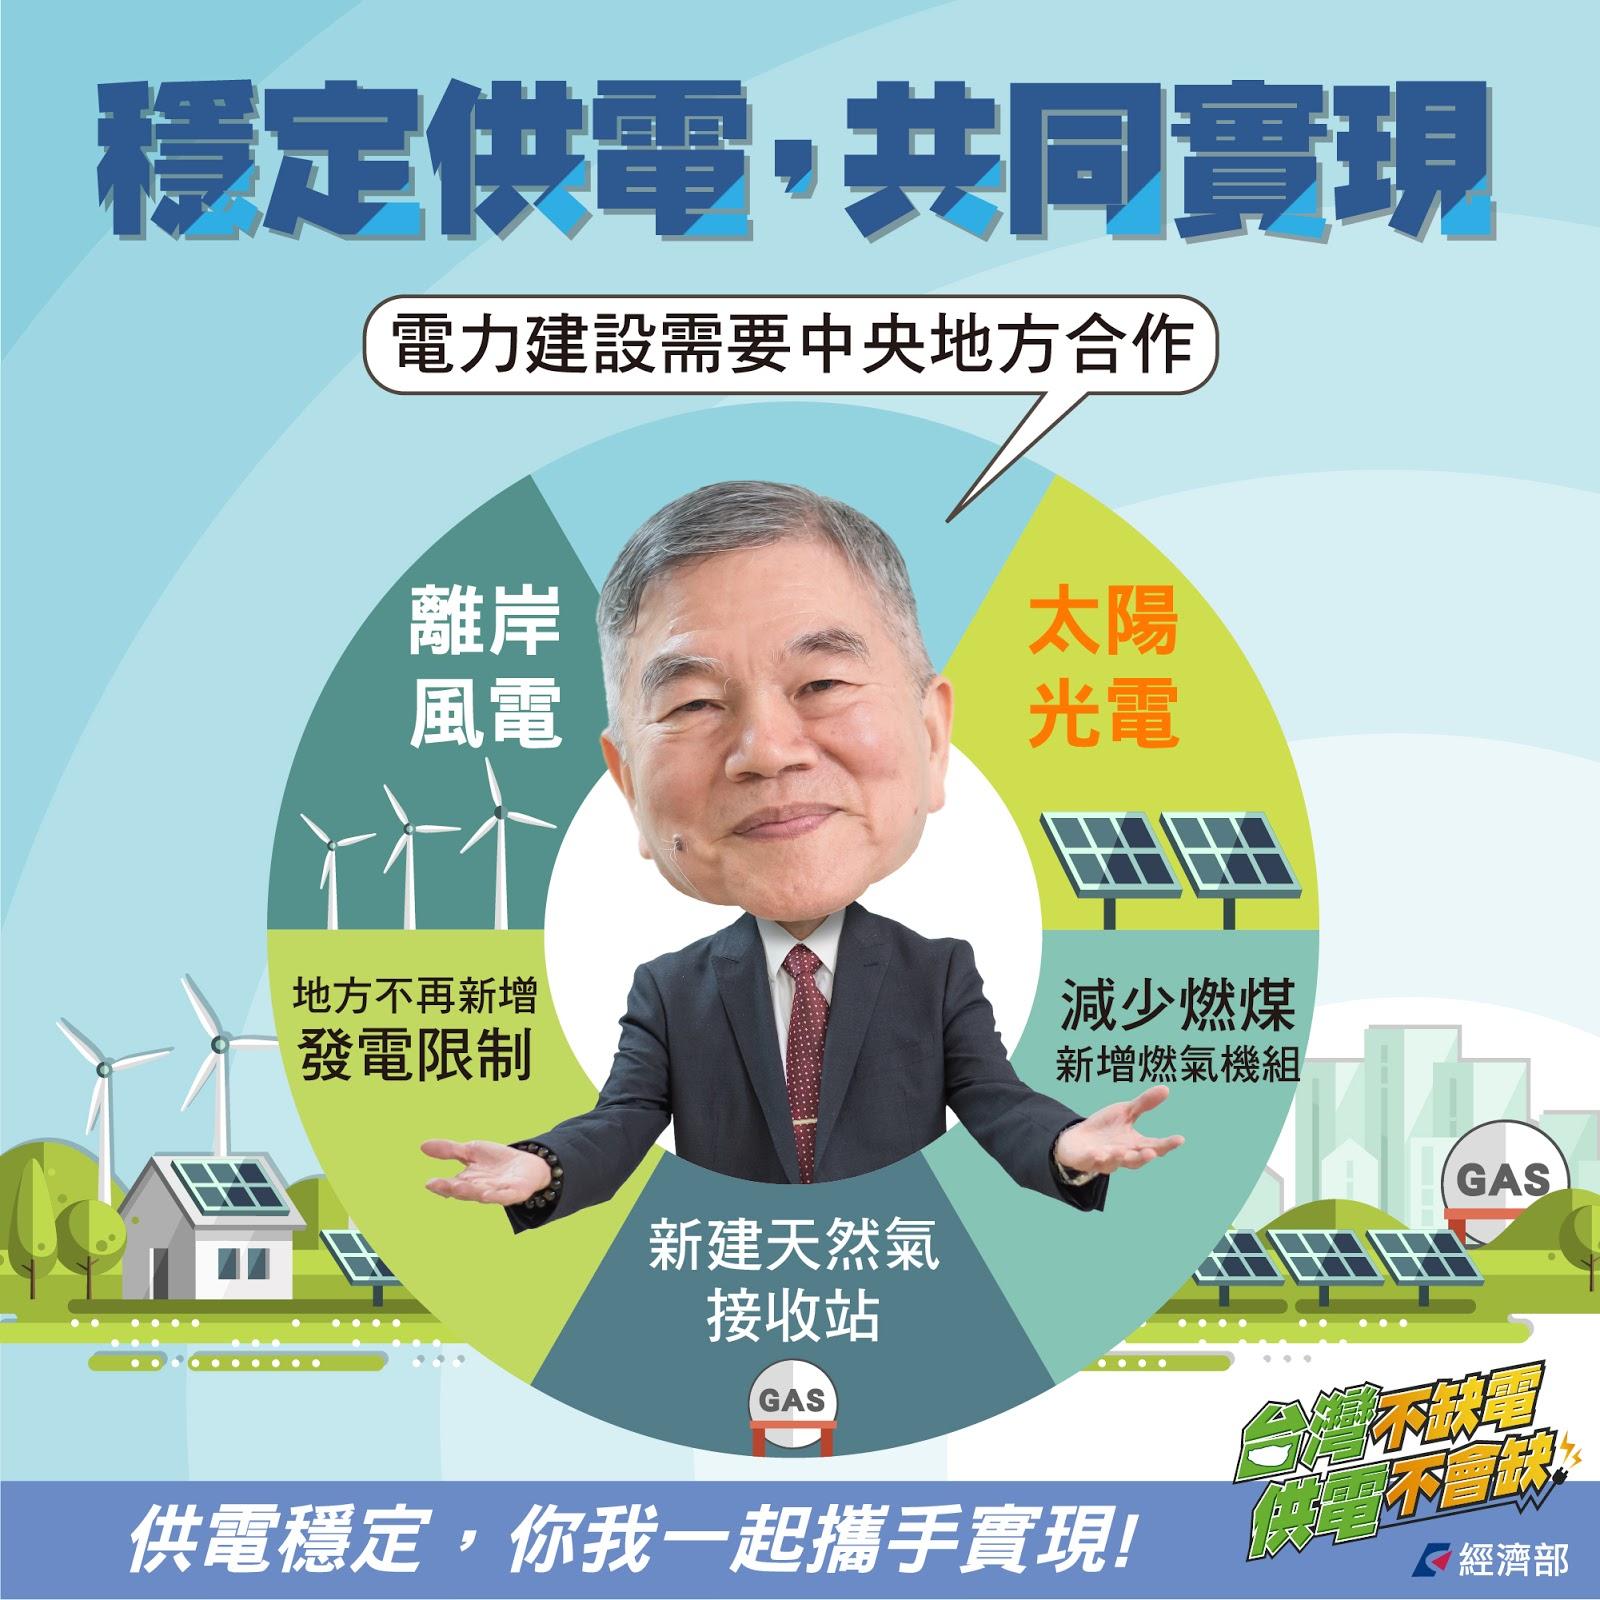 台灣不缺電5